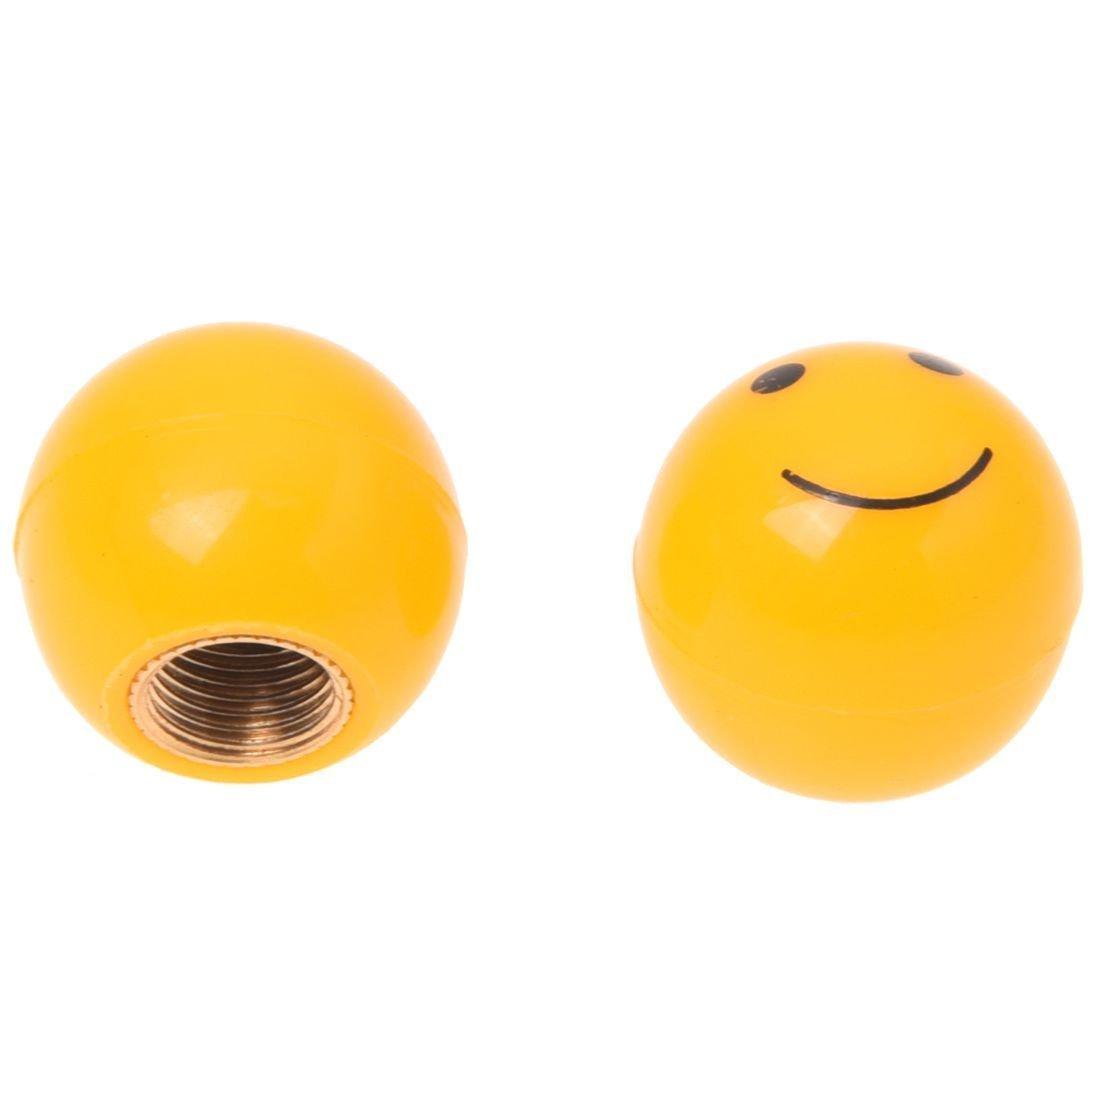 TOOGOO(R) 4 x Universal Tapa de Vastago de la valvula de aire del neumatico Con diseno de Cara Sonriente Amarilla para Carro Coche Bici SHOMAM11299